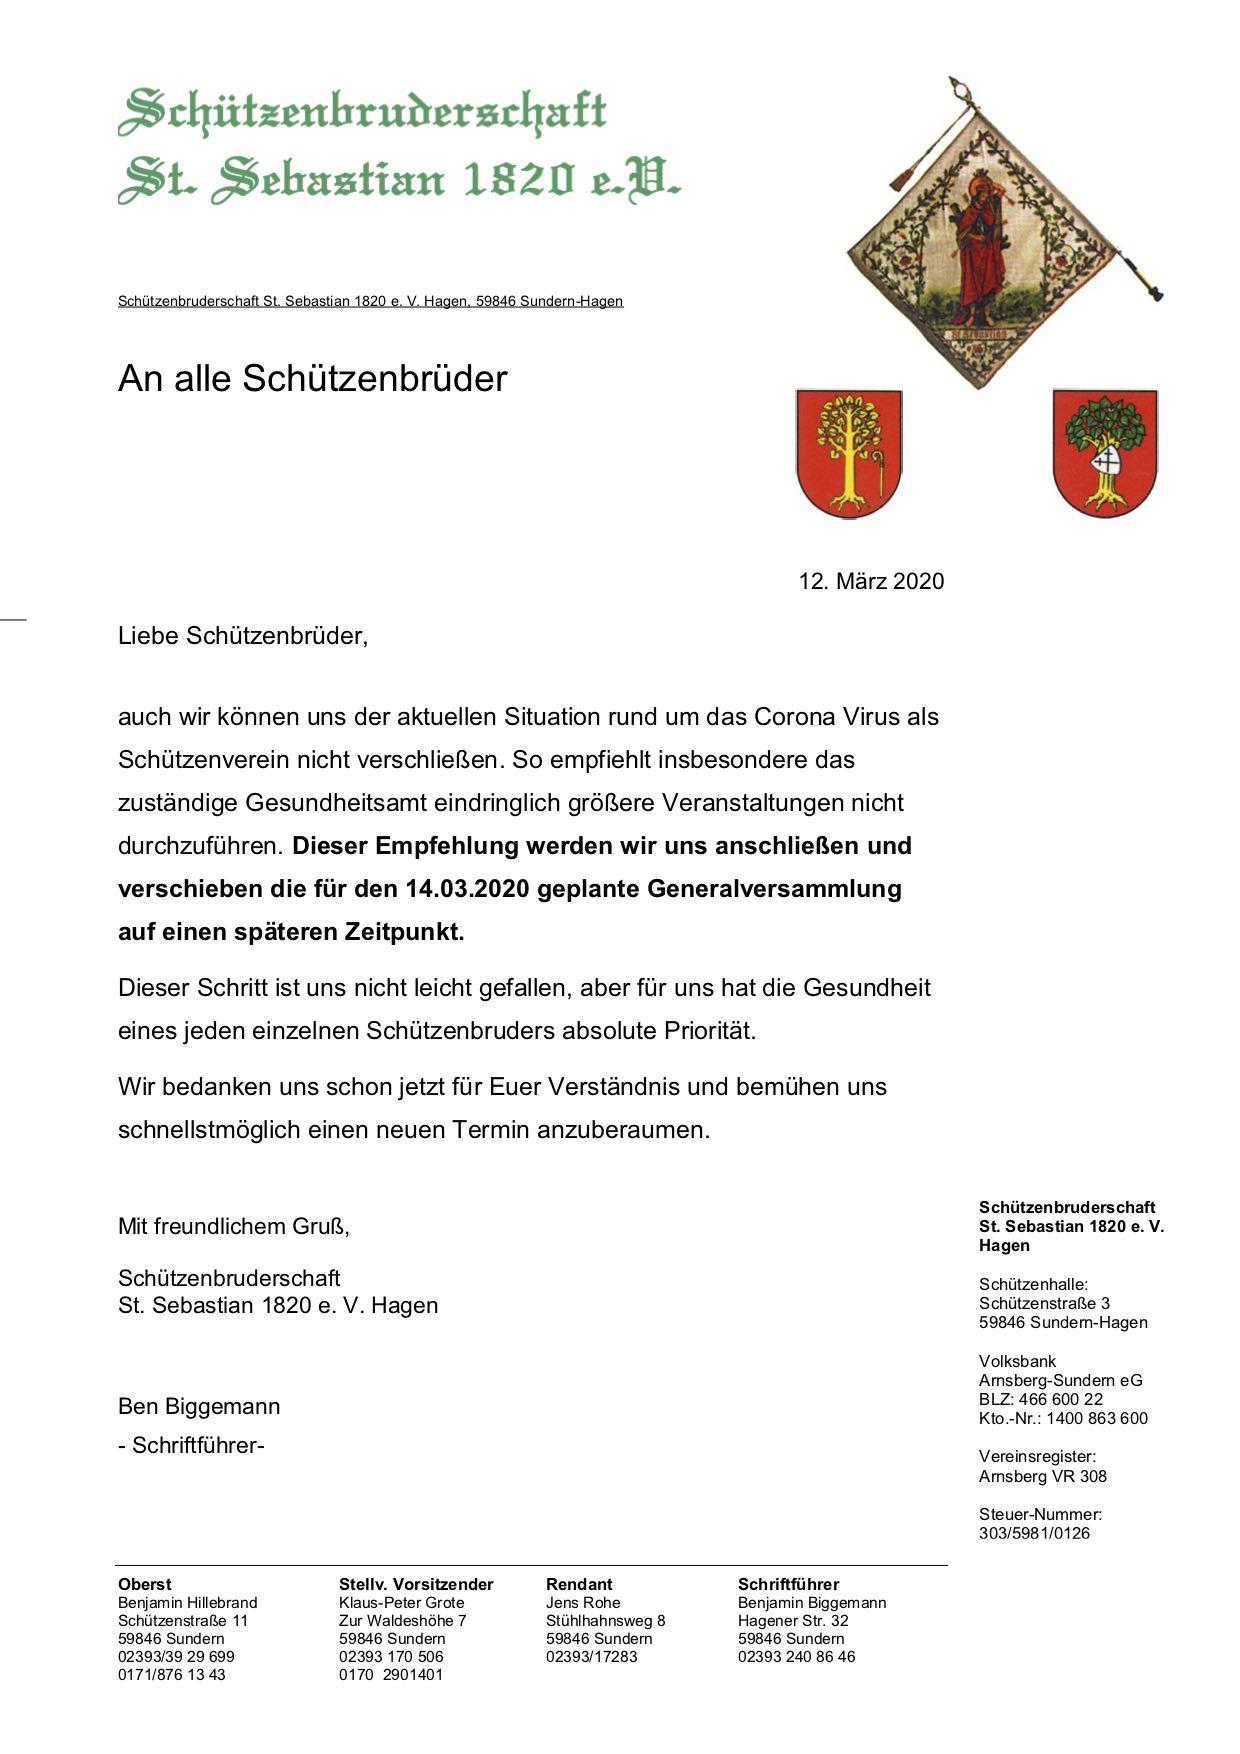 Generalversammlung Wird Verschoben